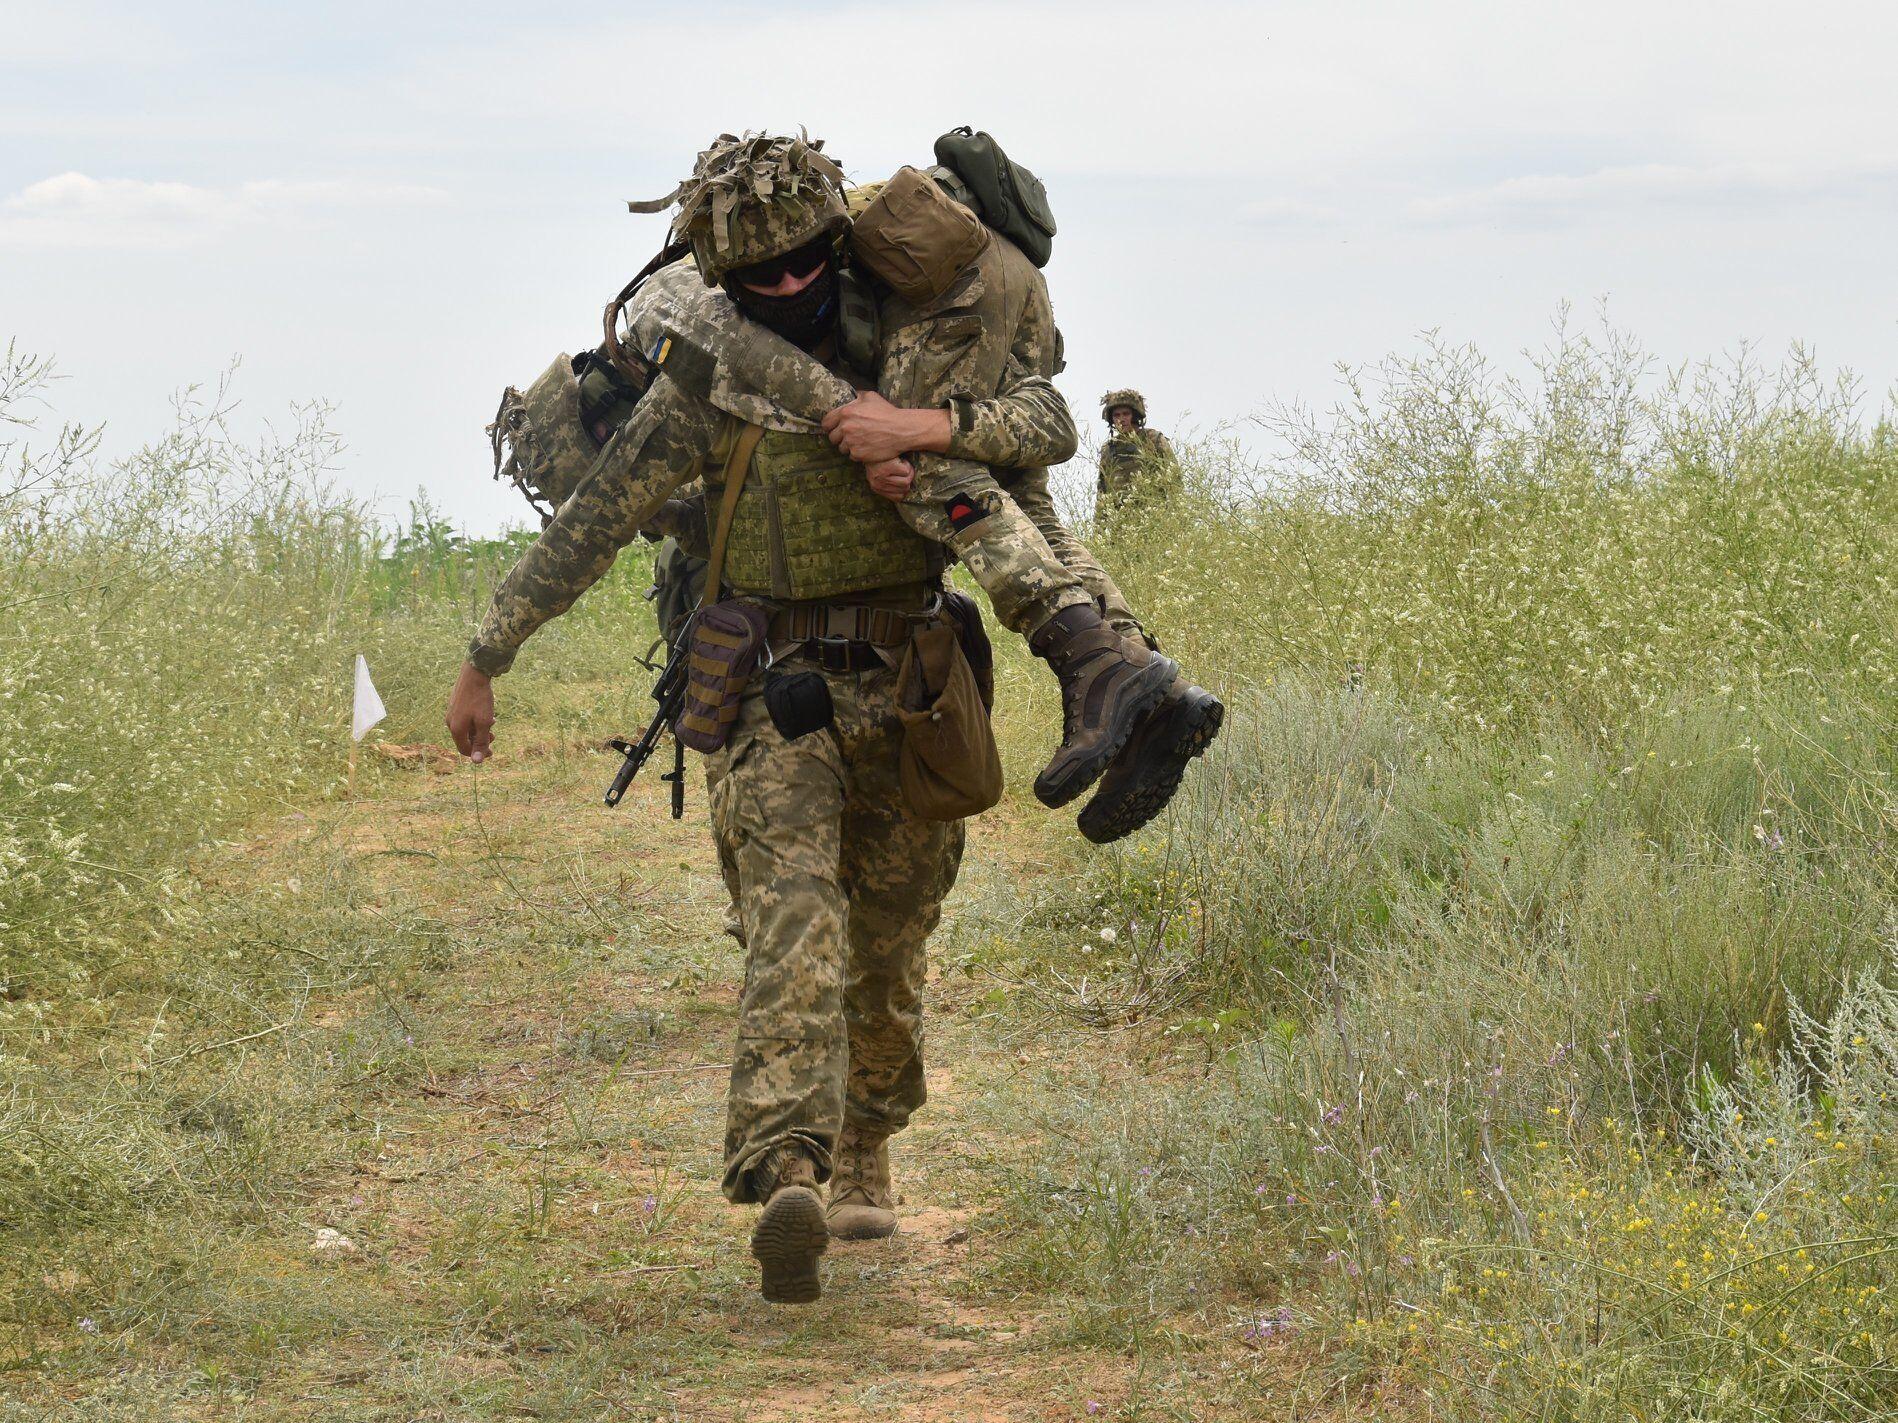 Защитники отрабатывают эвакуацию раненых с поля боя.